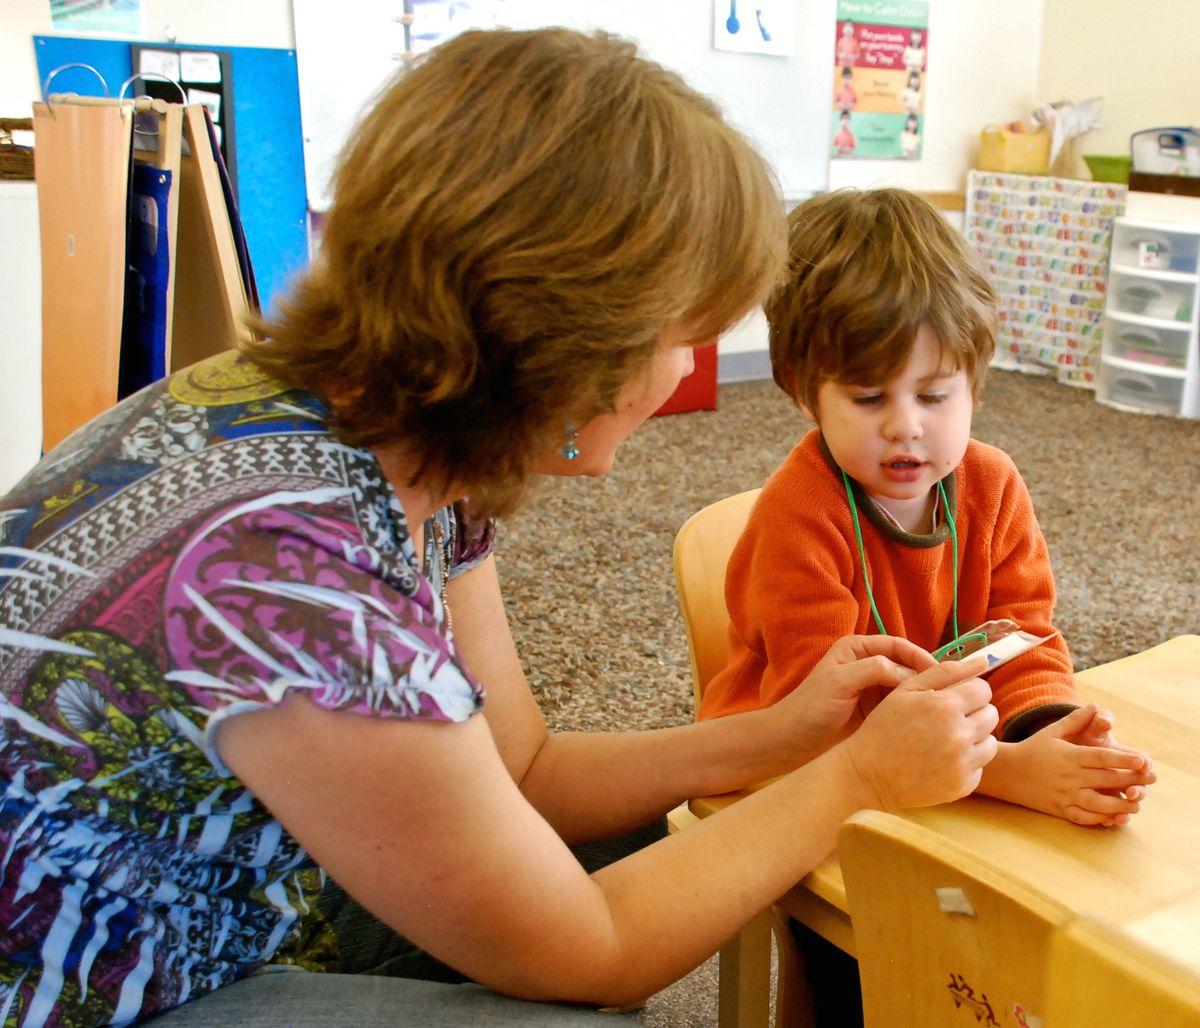 Speech therapist Melissa Cain talks to a preschooler at the Bal Swan Children's Center.